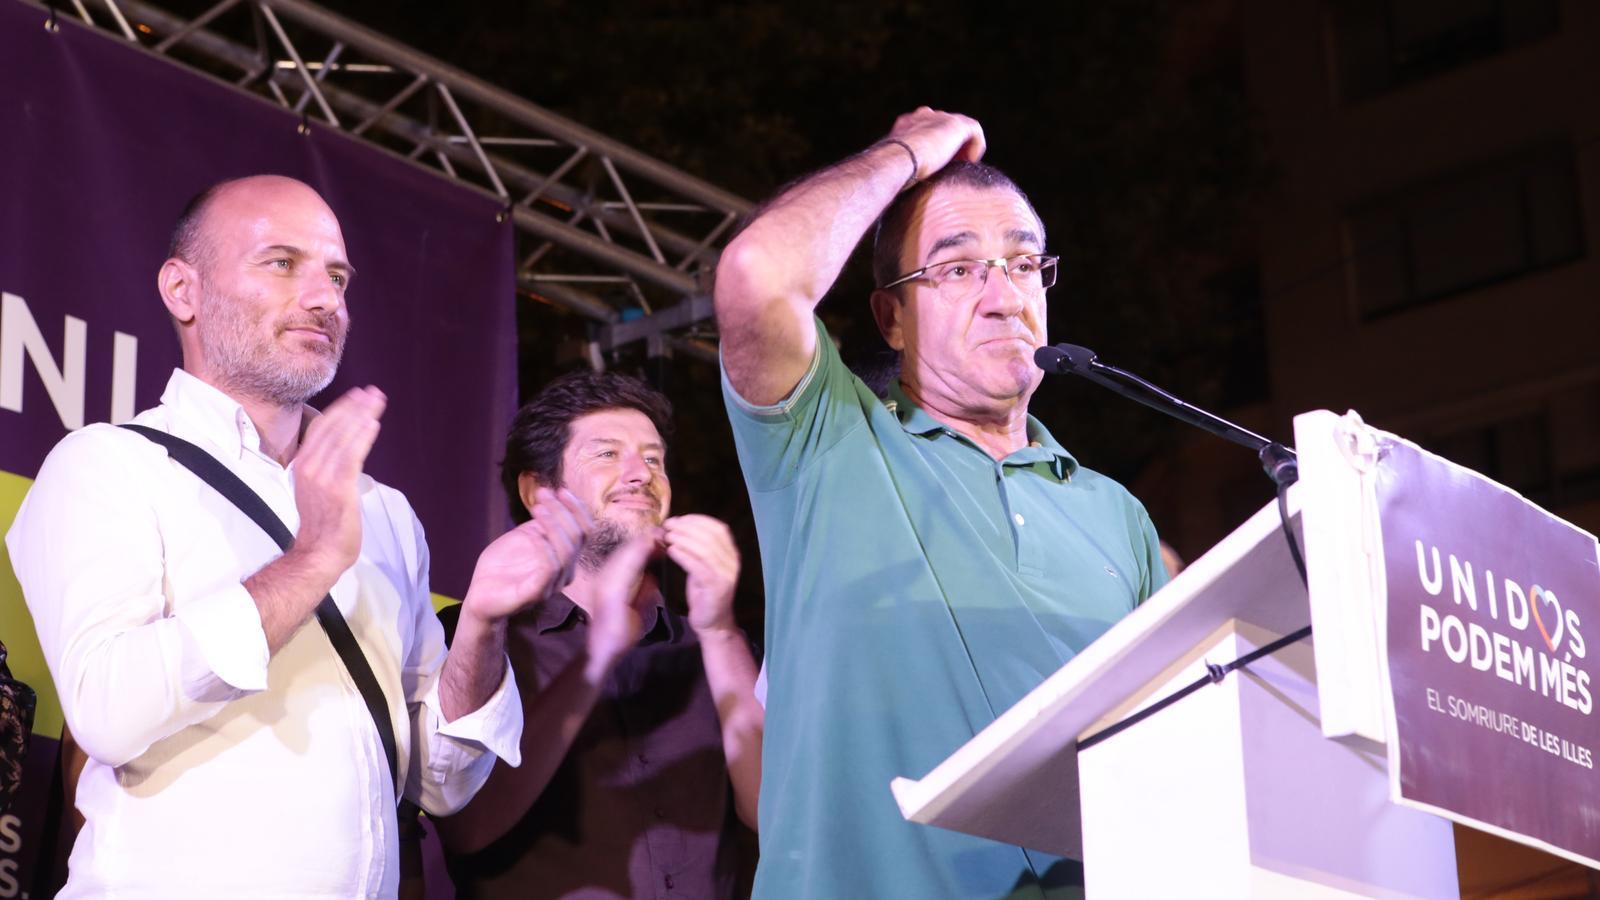 El cap de llista d'Units Podem Més es dirigeix a la militància.